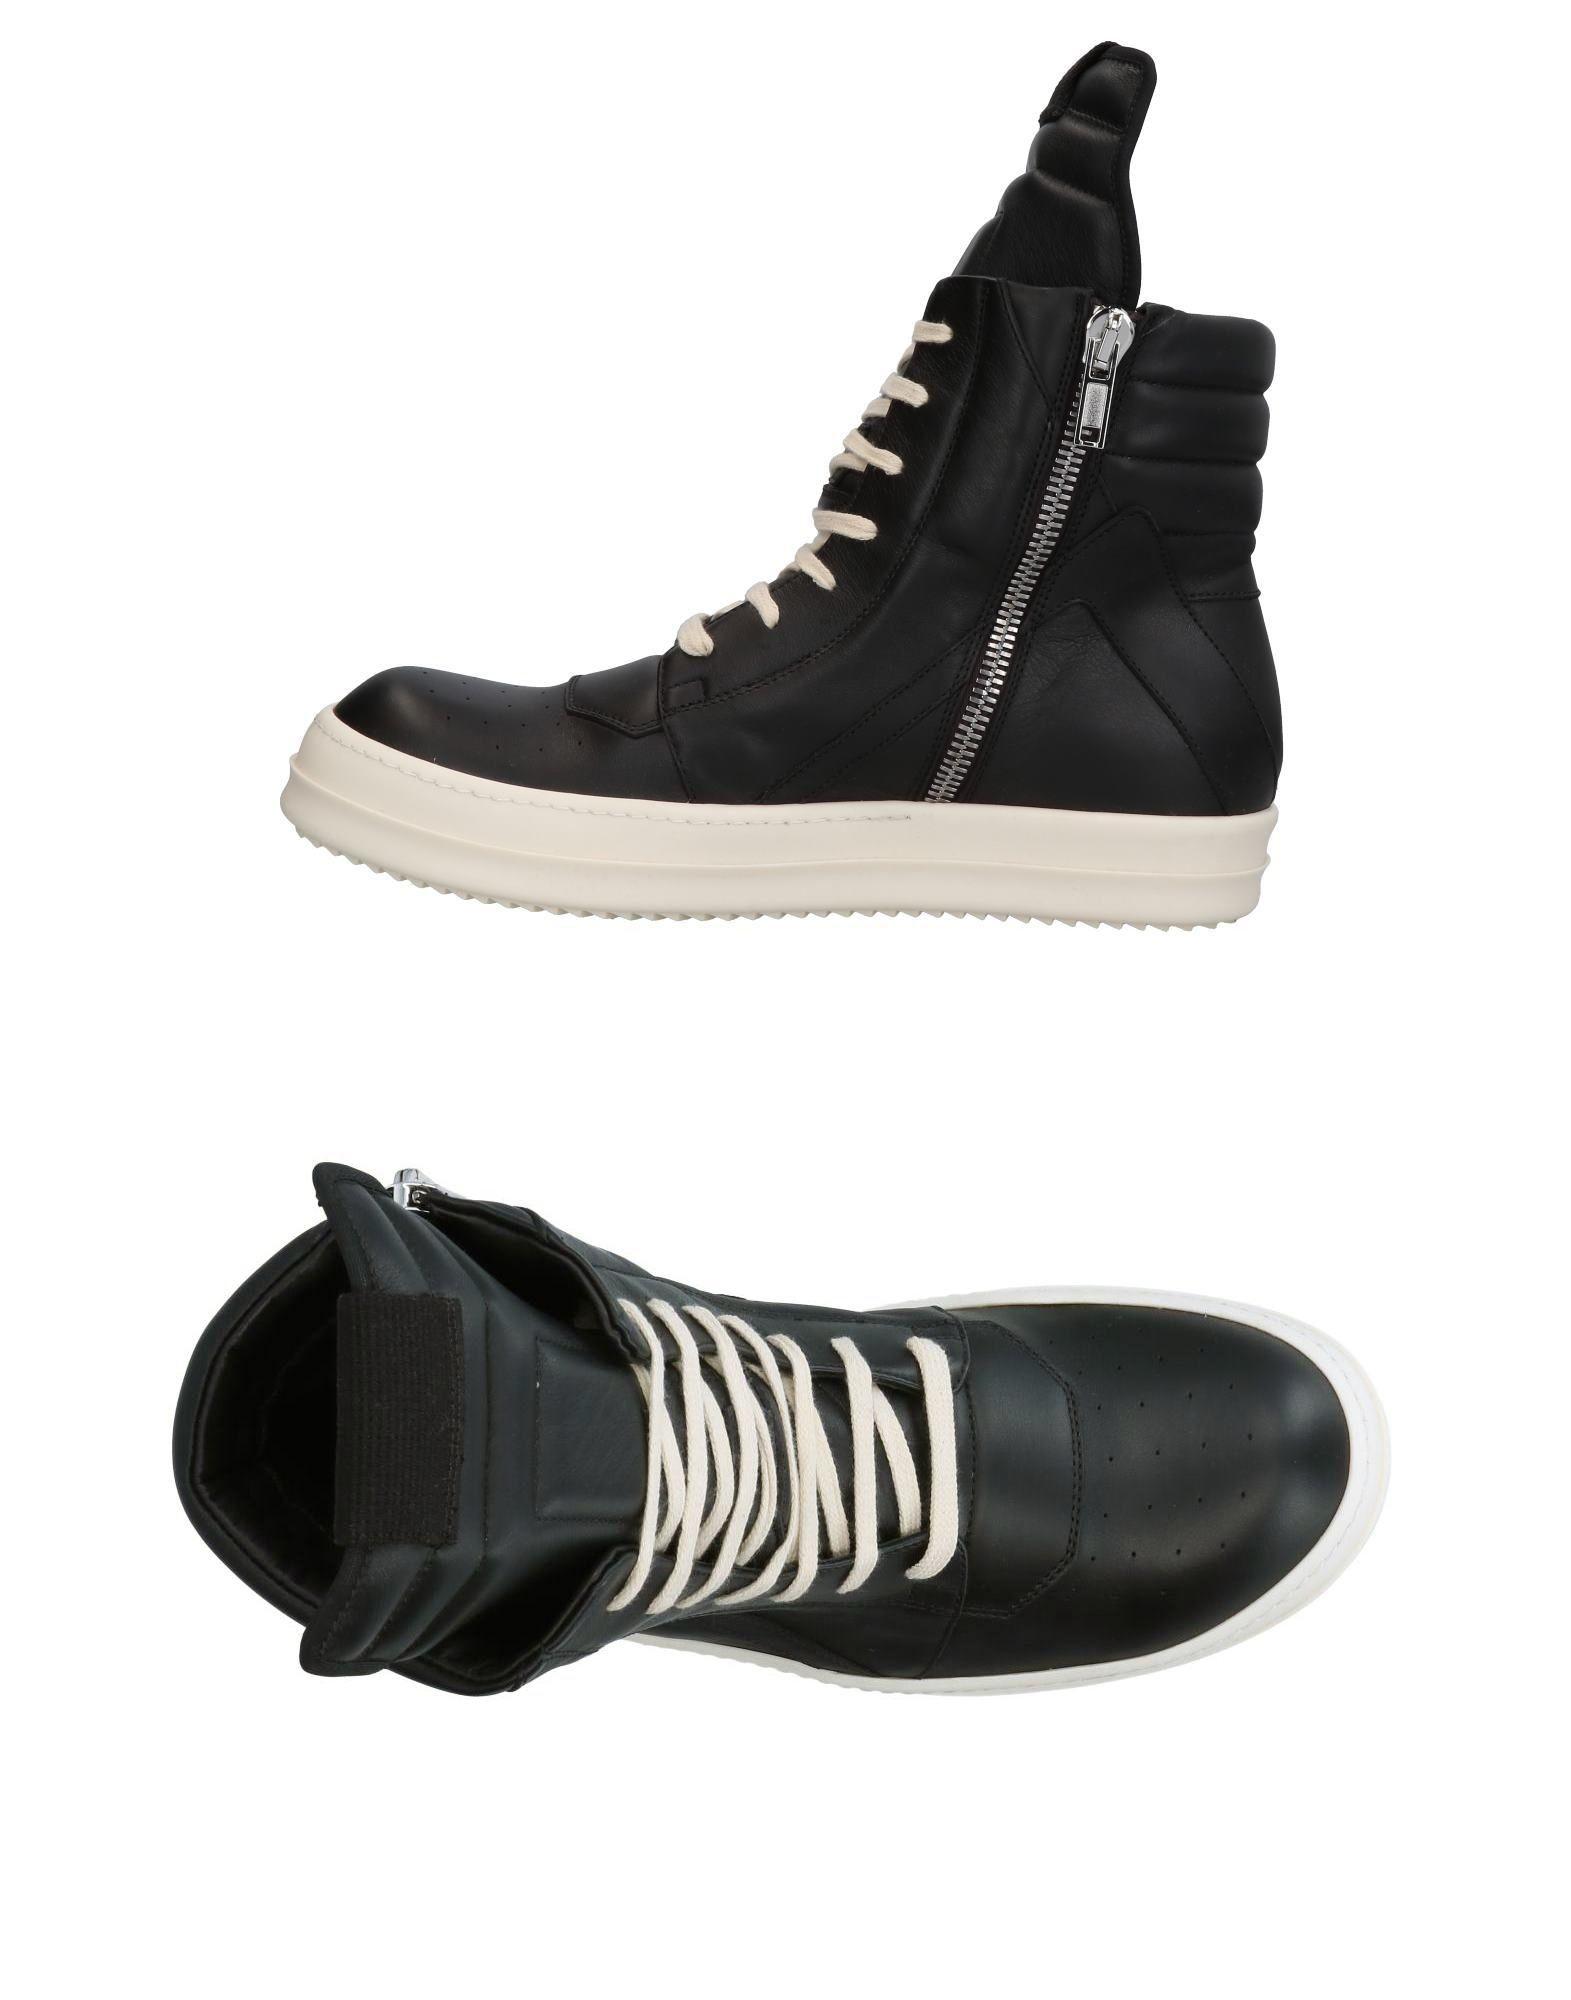 Rick Owens Sneakers Herren  11294596DE Gute Qualität beliebte Schuhe